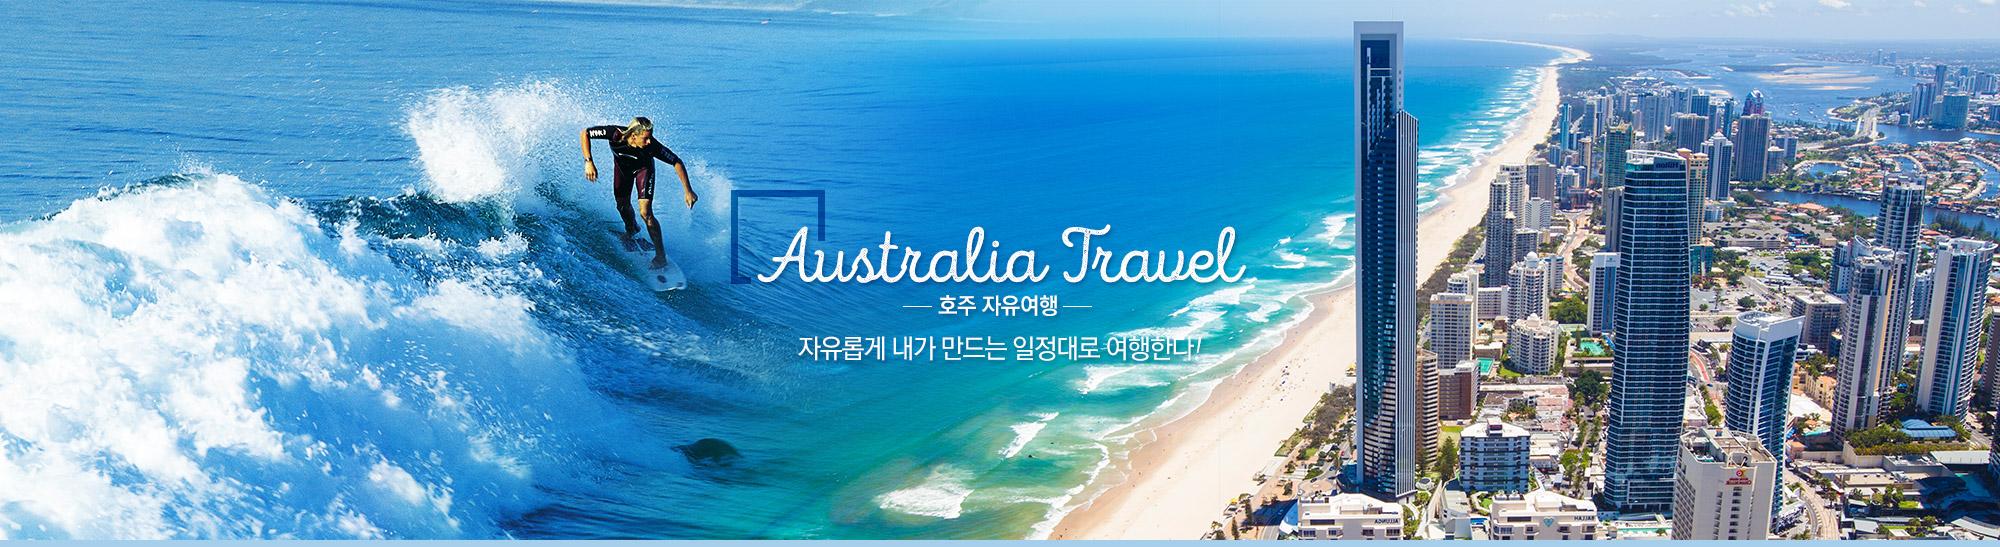 호주 자유여행, 자유롭게 내가 만드는 일정대로 여행한다!